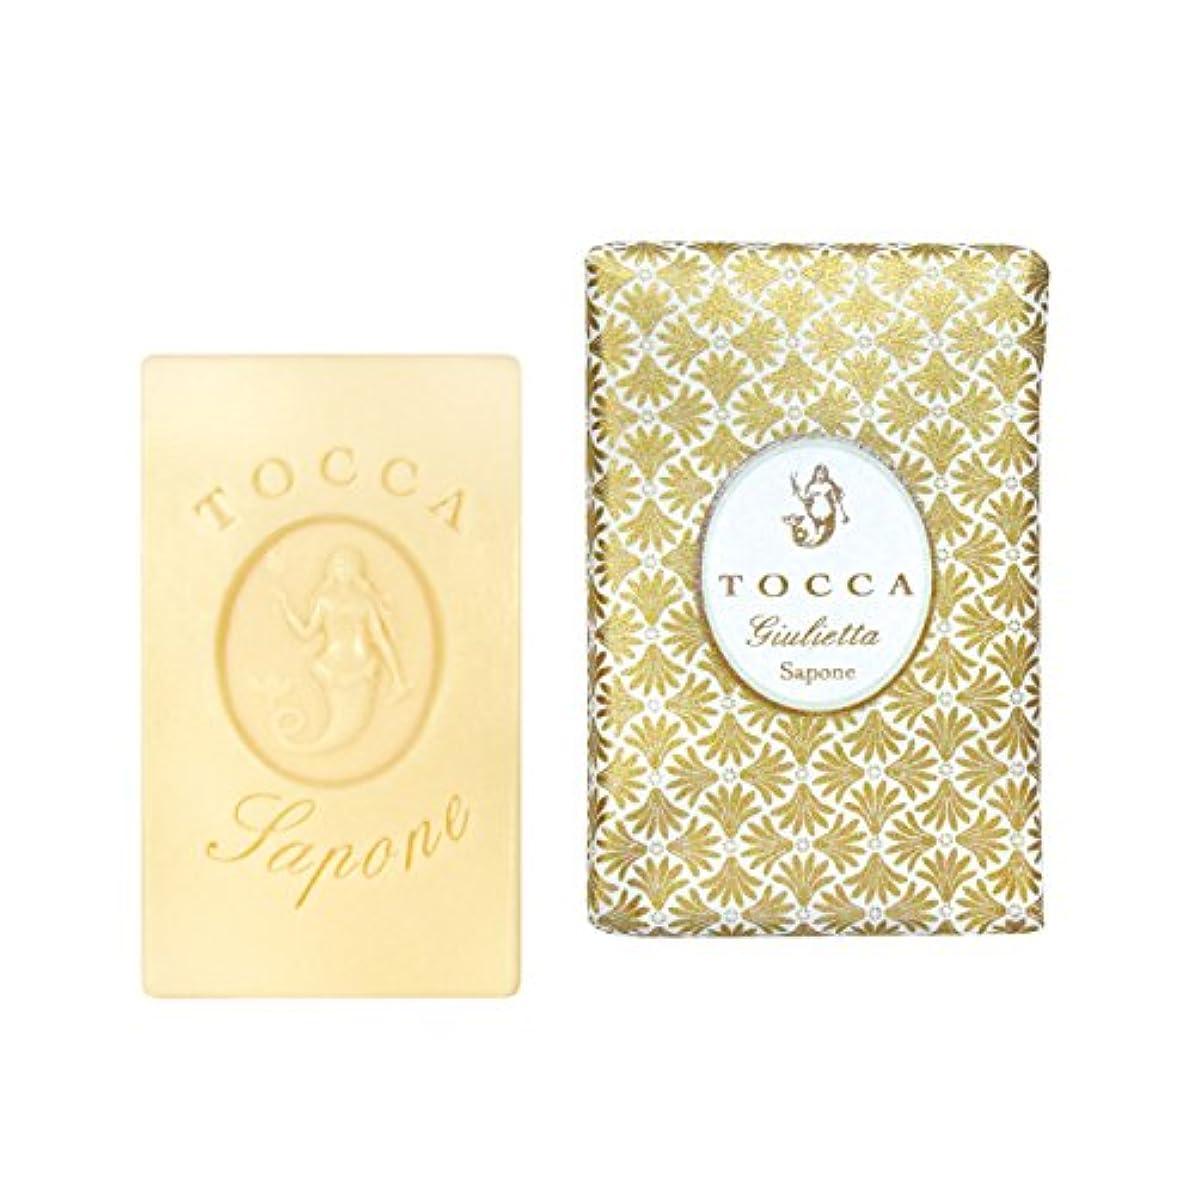 盆地バウンド殺すトッカ(TOCCA) ソープバー ジュリエッタの香り 113g(化粧石けん ピンクチューリップとグリーンアップルの爽やかで甘い香り)